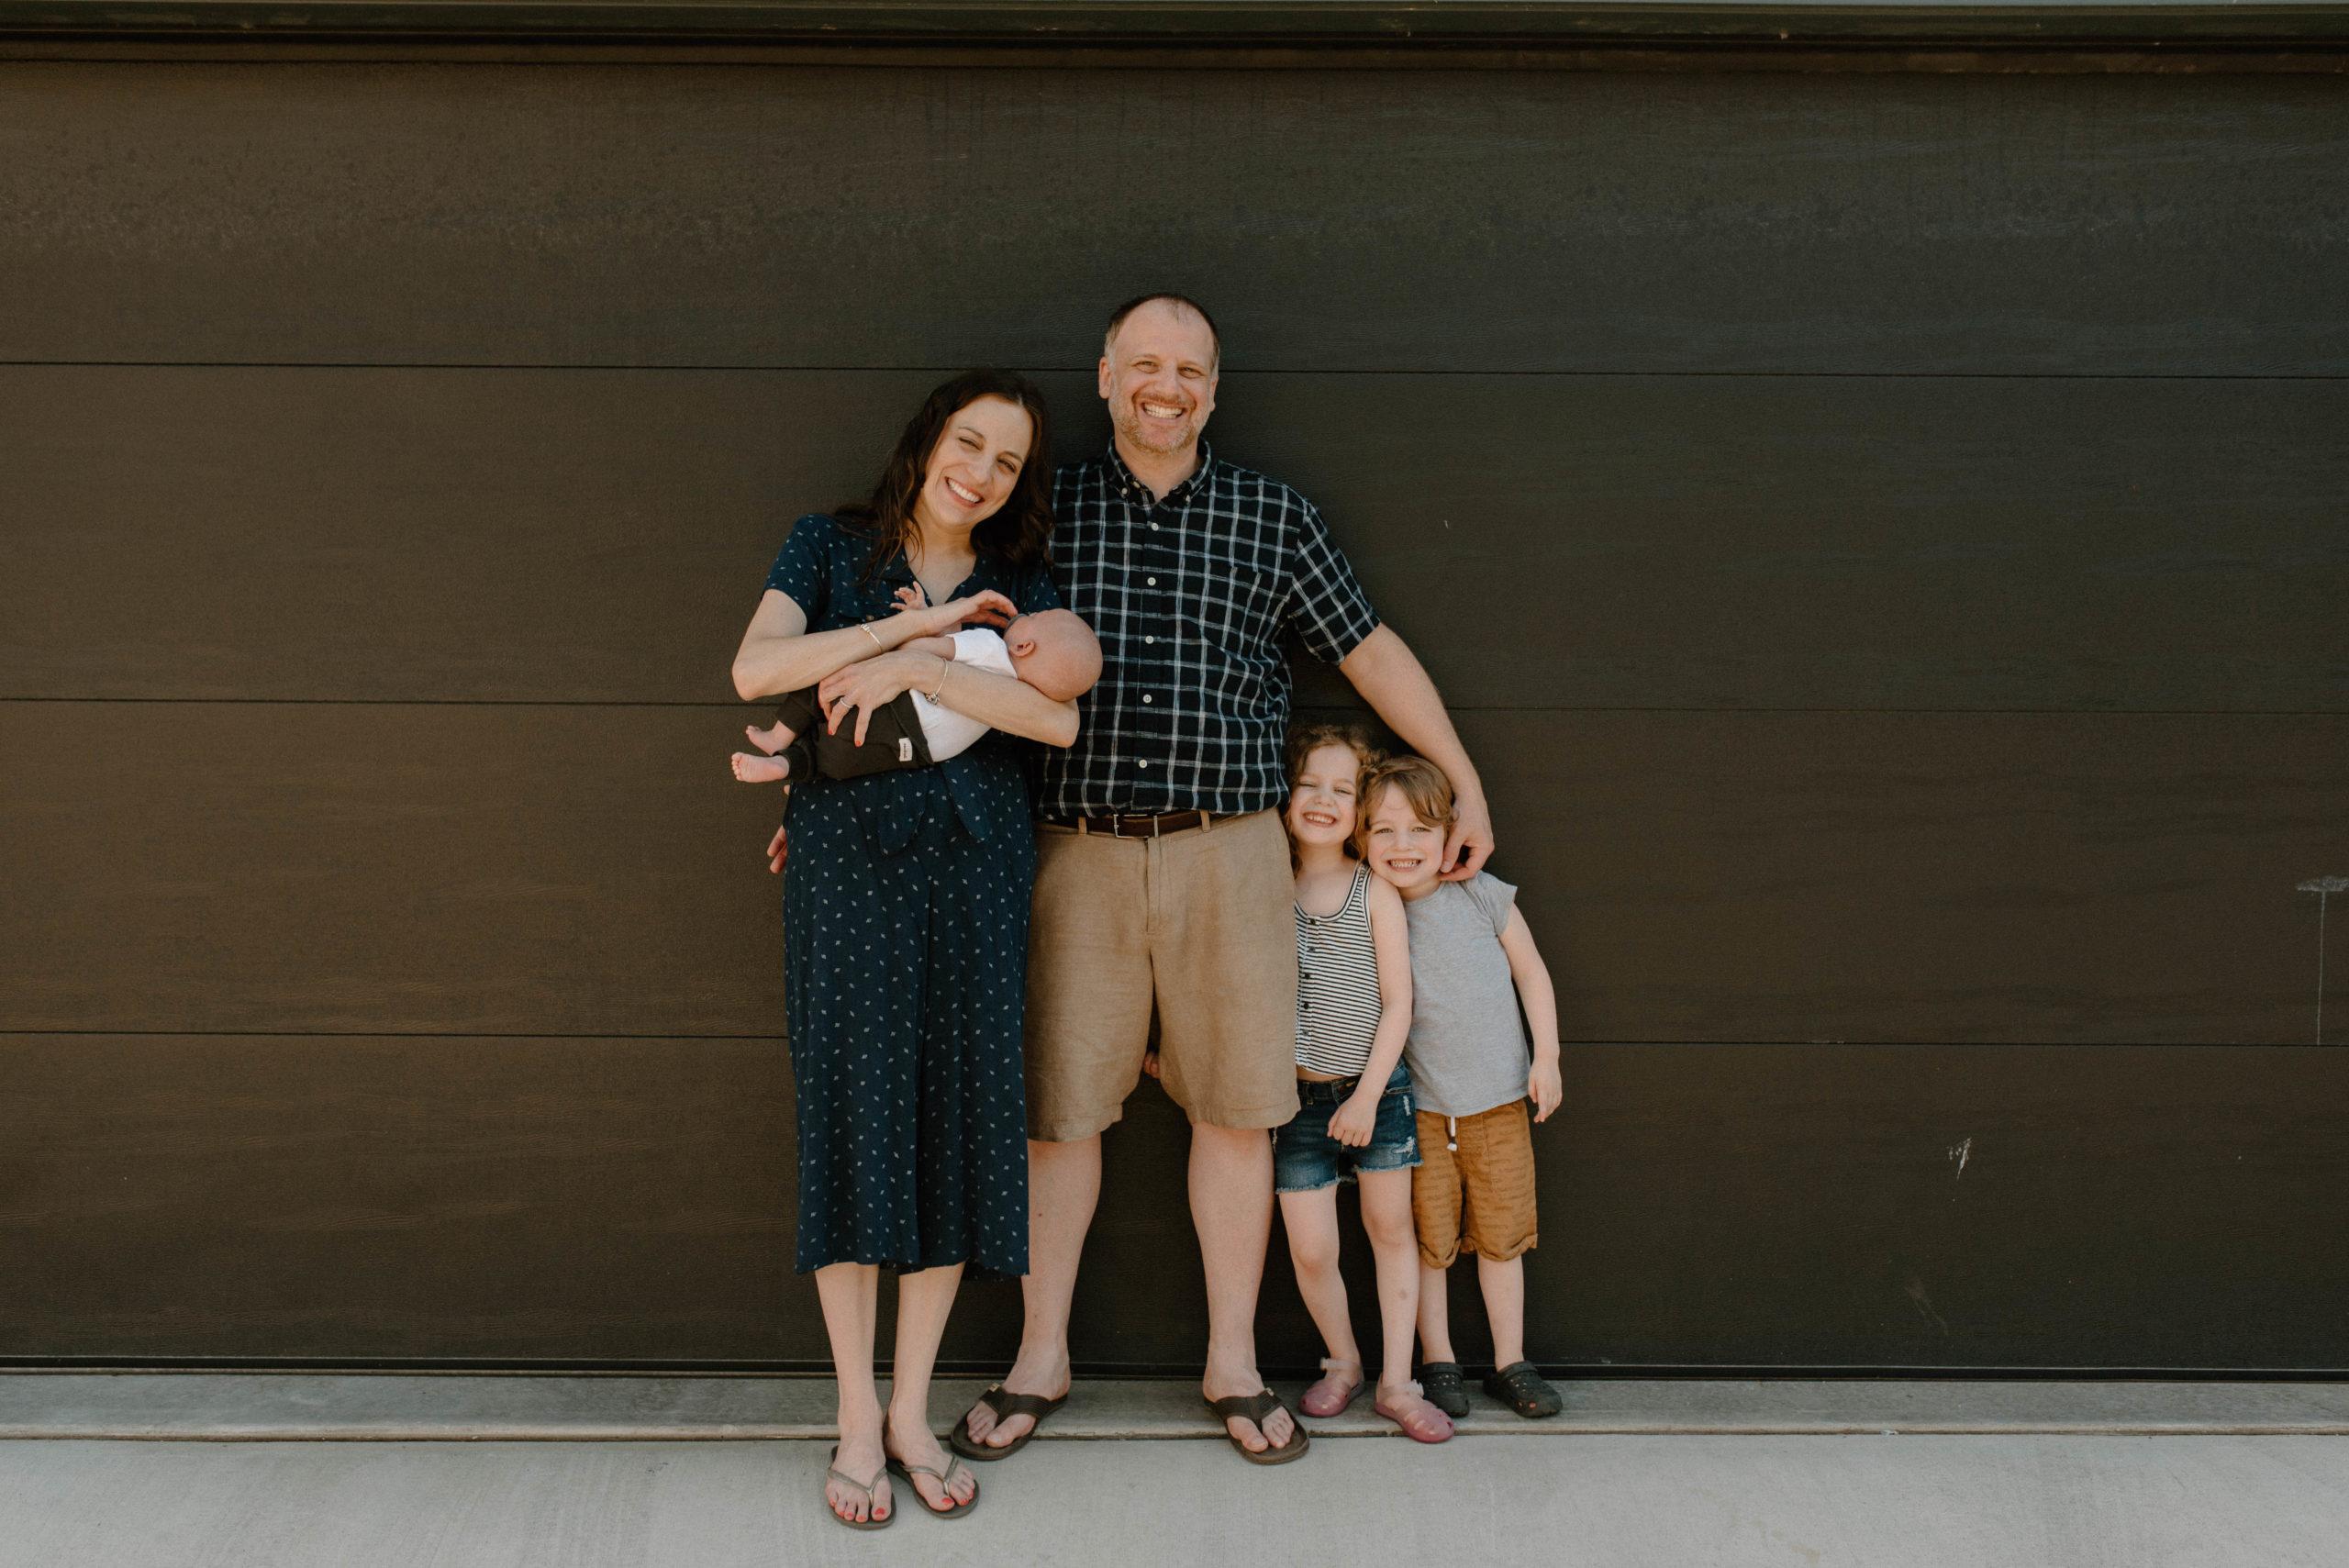 Toronto Family Portrait | Sam Gaetz Photography